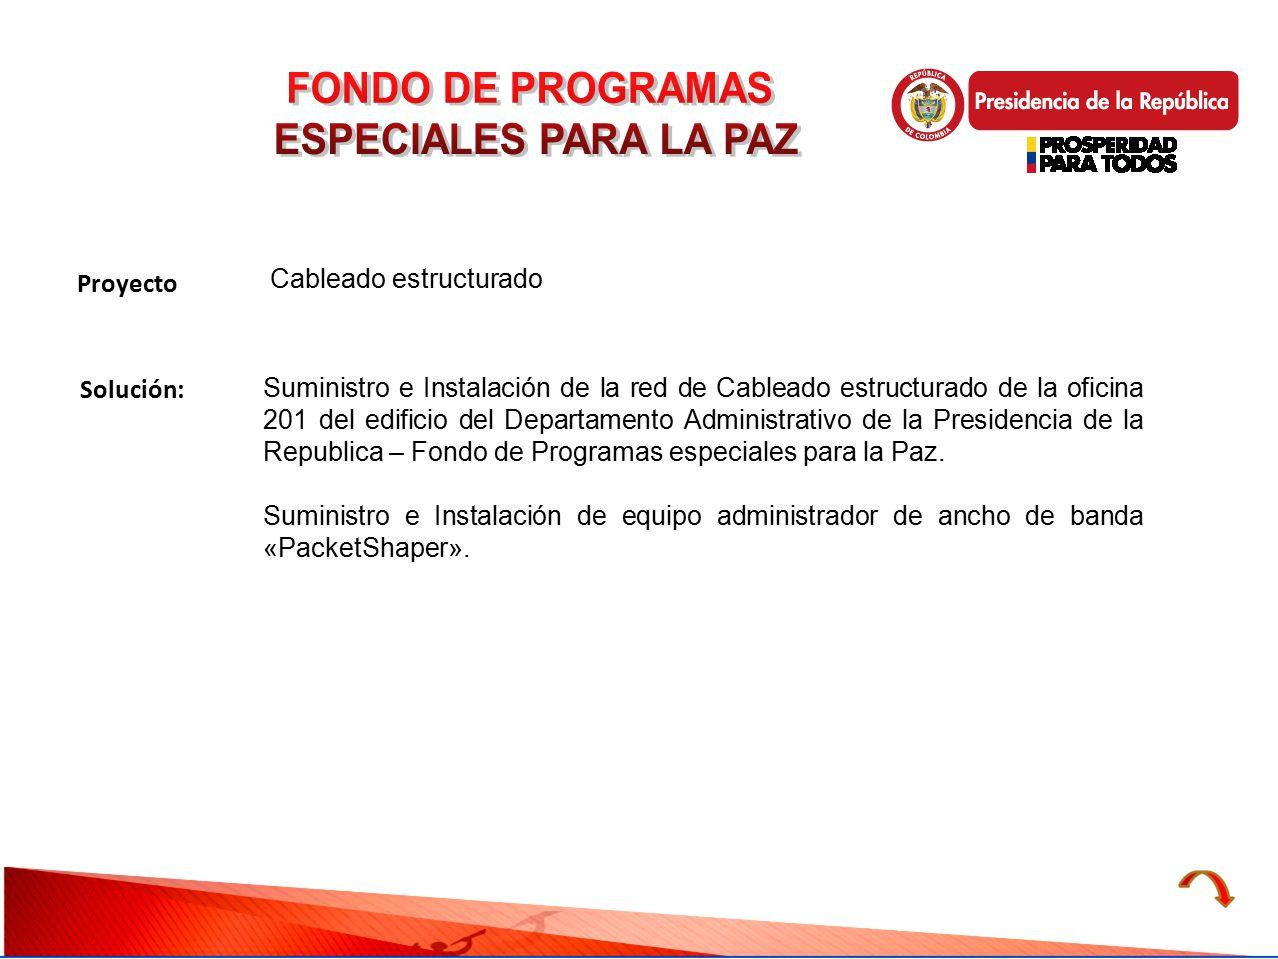 FONDO DE PROGRAMAS ESPECIALES PARA LA PAZ